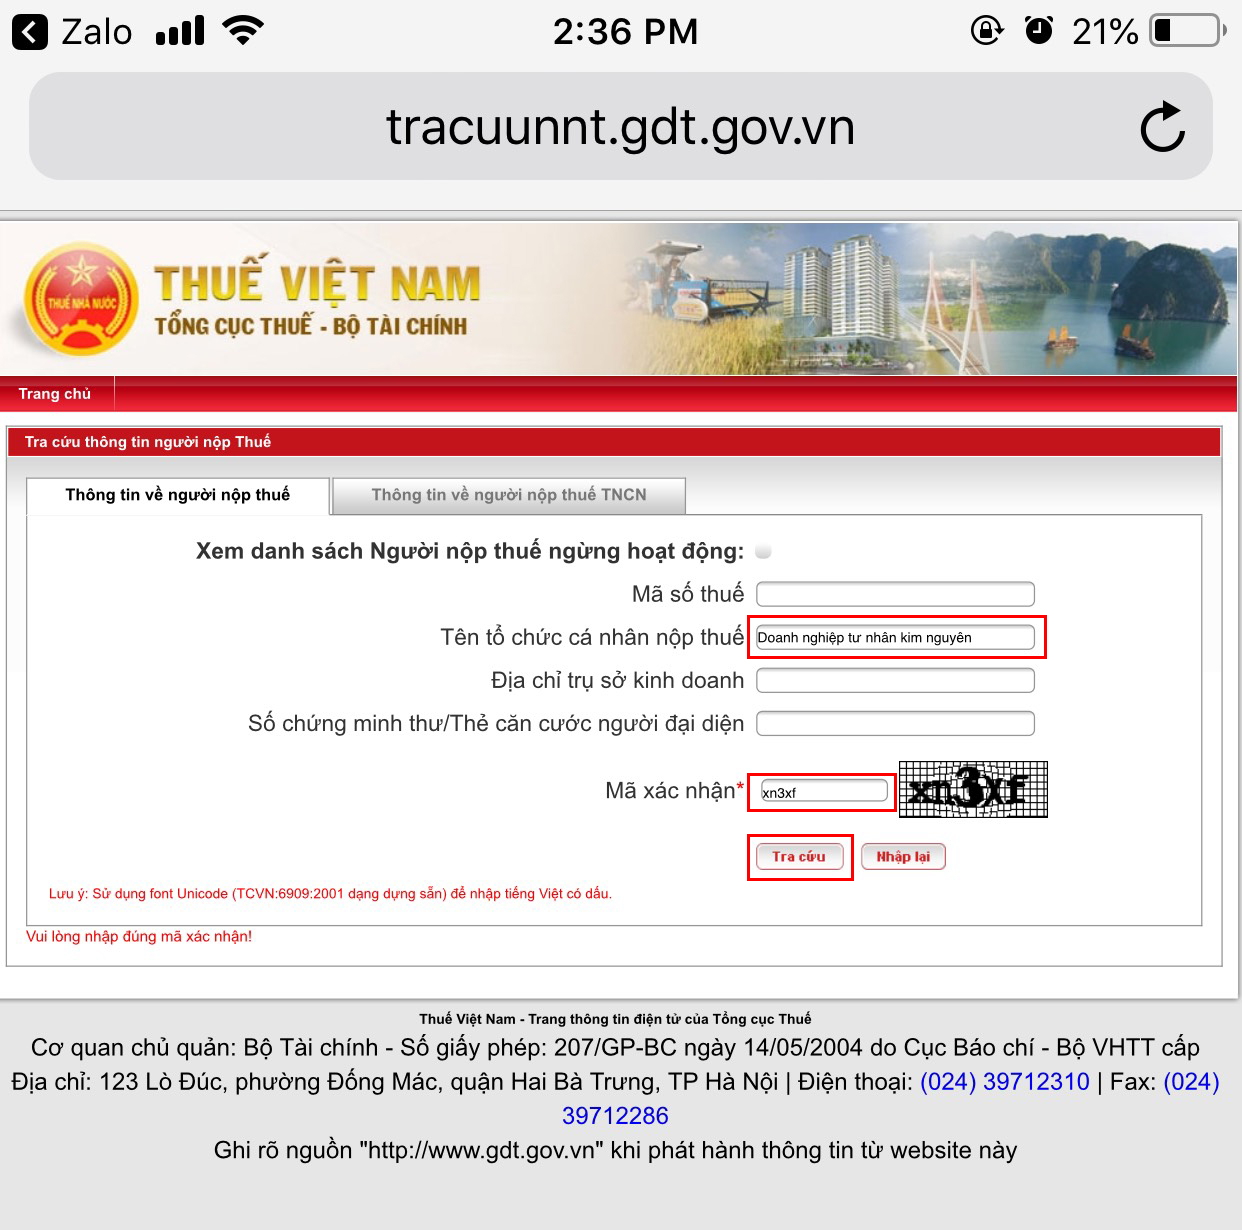 cách tra cứu mã số thuế (MST) doanh nghiệp